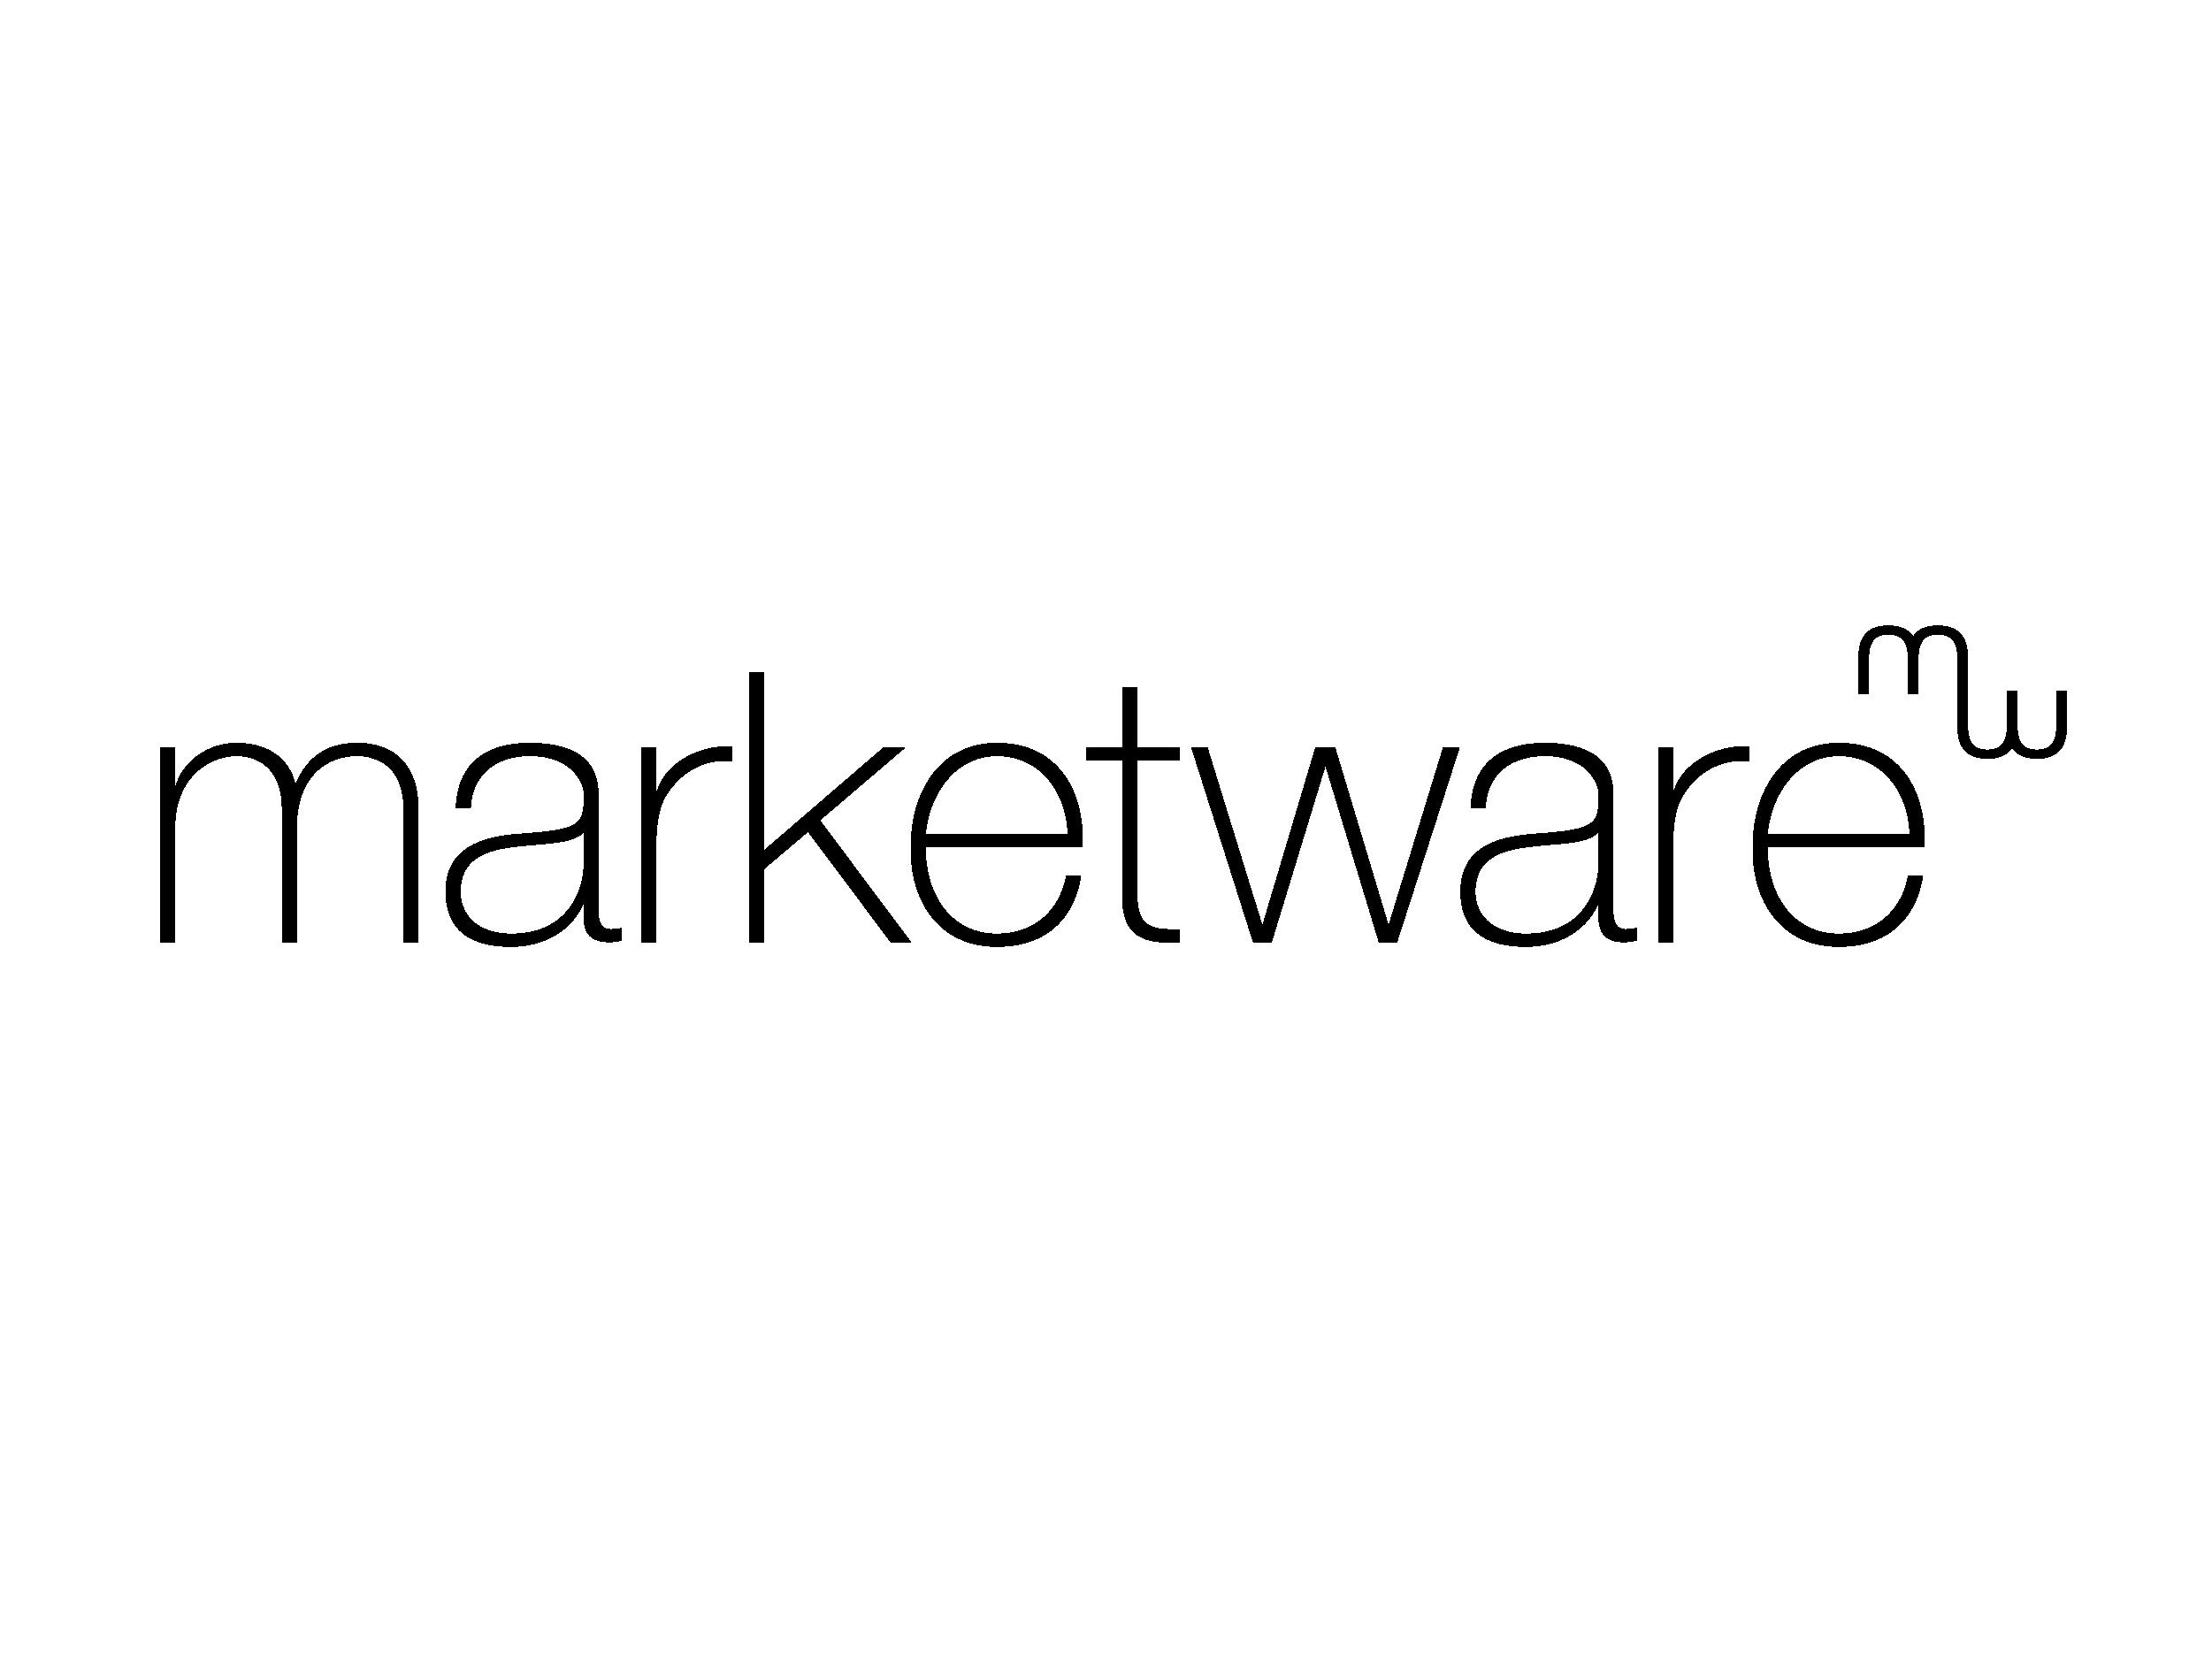 Portfolio logos_marketware